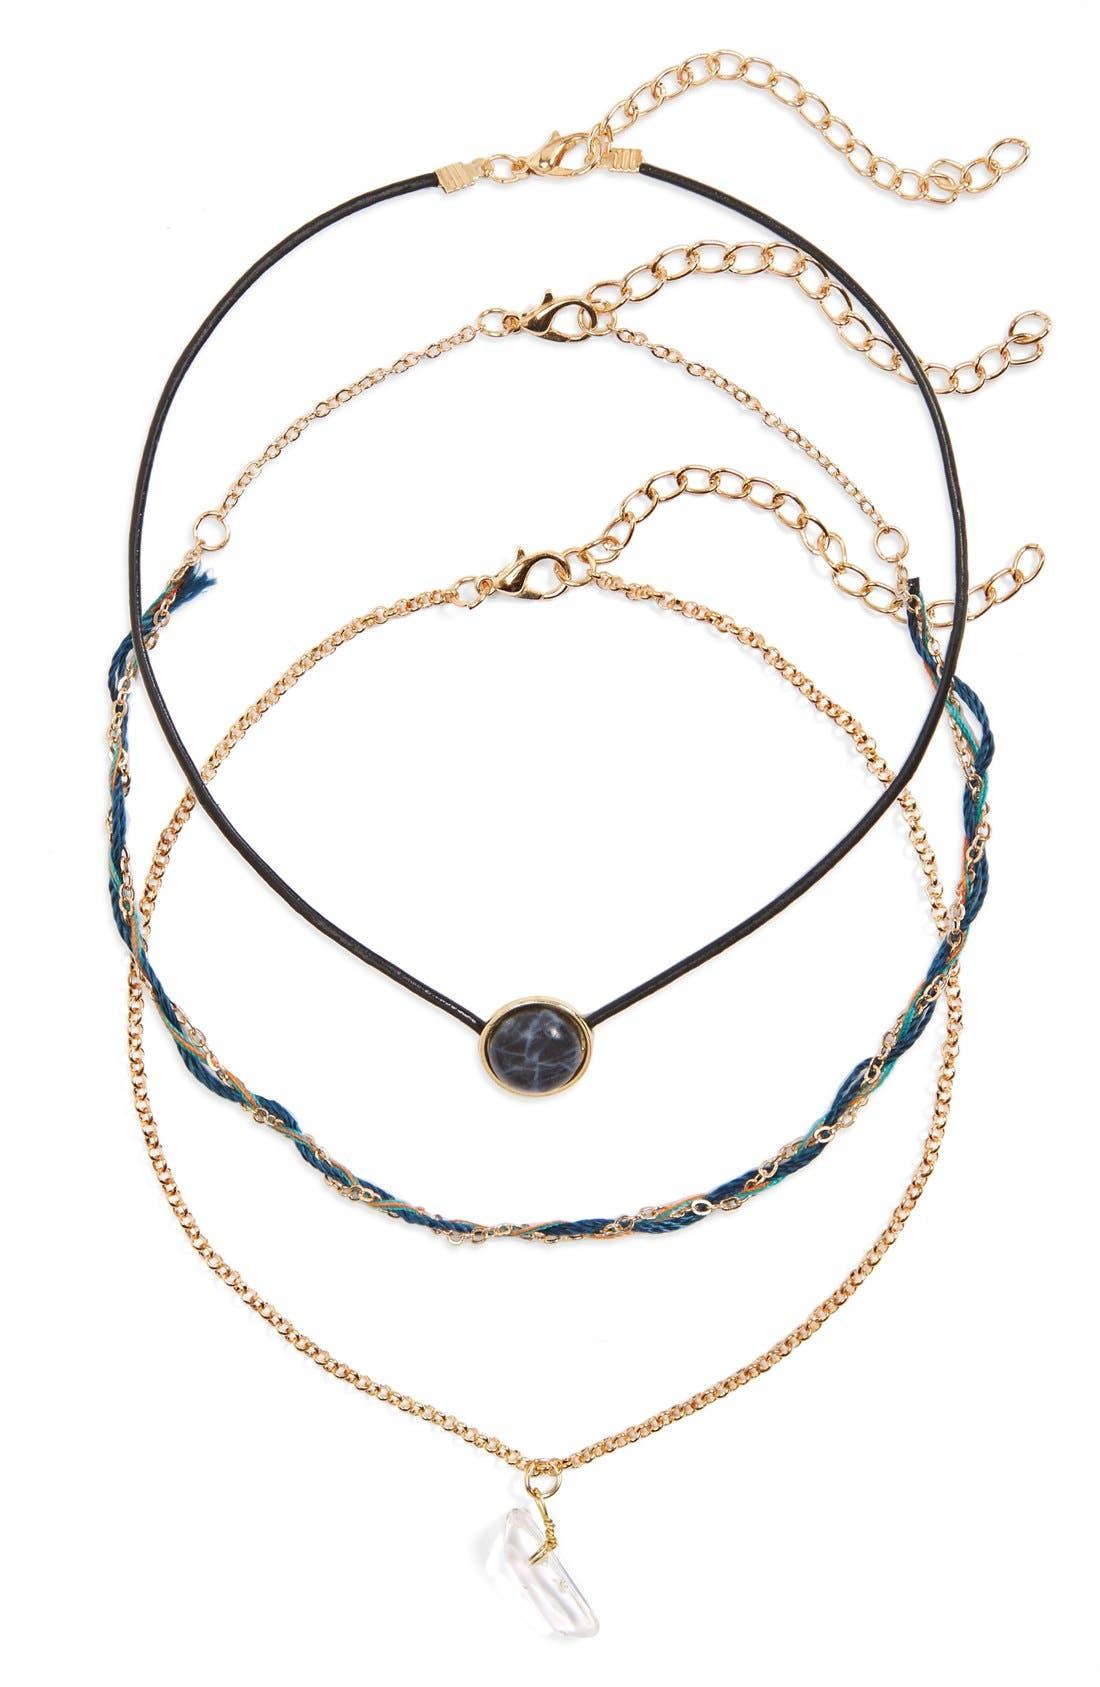 Main Image - BP. Mixed Media Choker Necklaces (Set of 3)